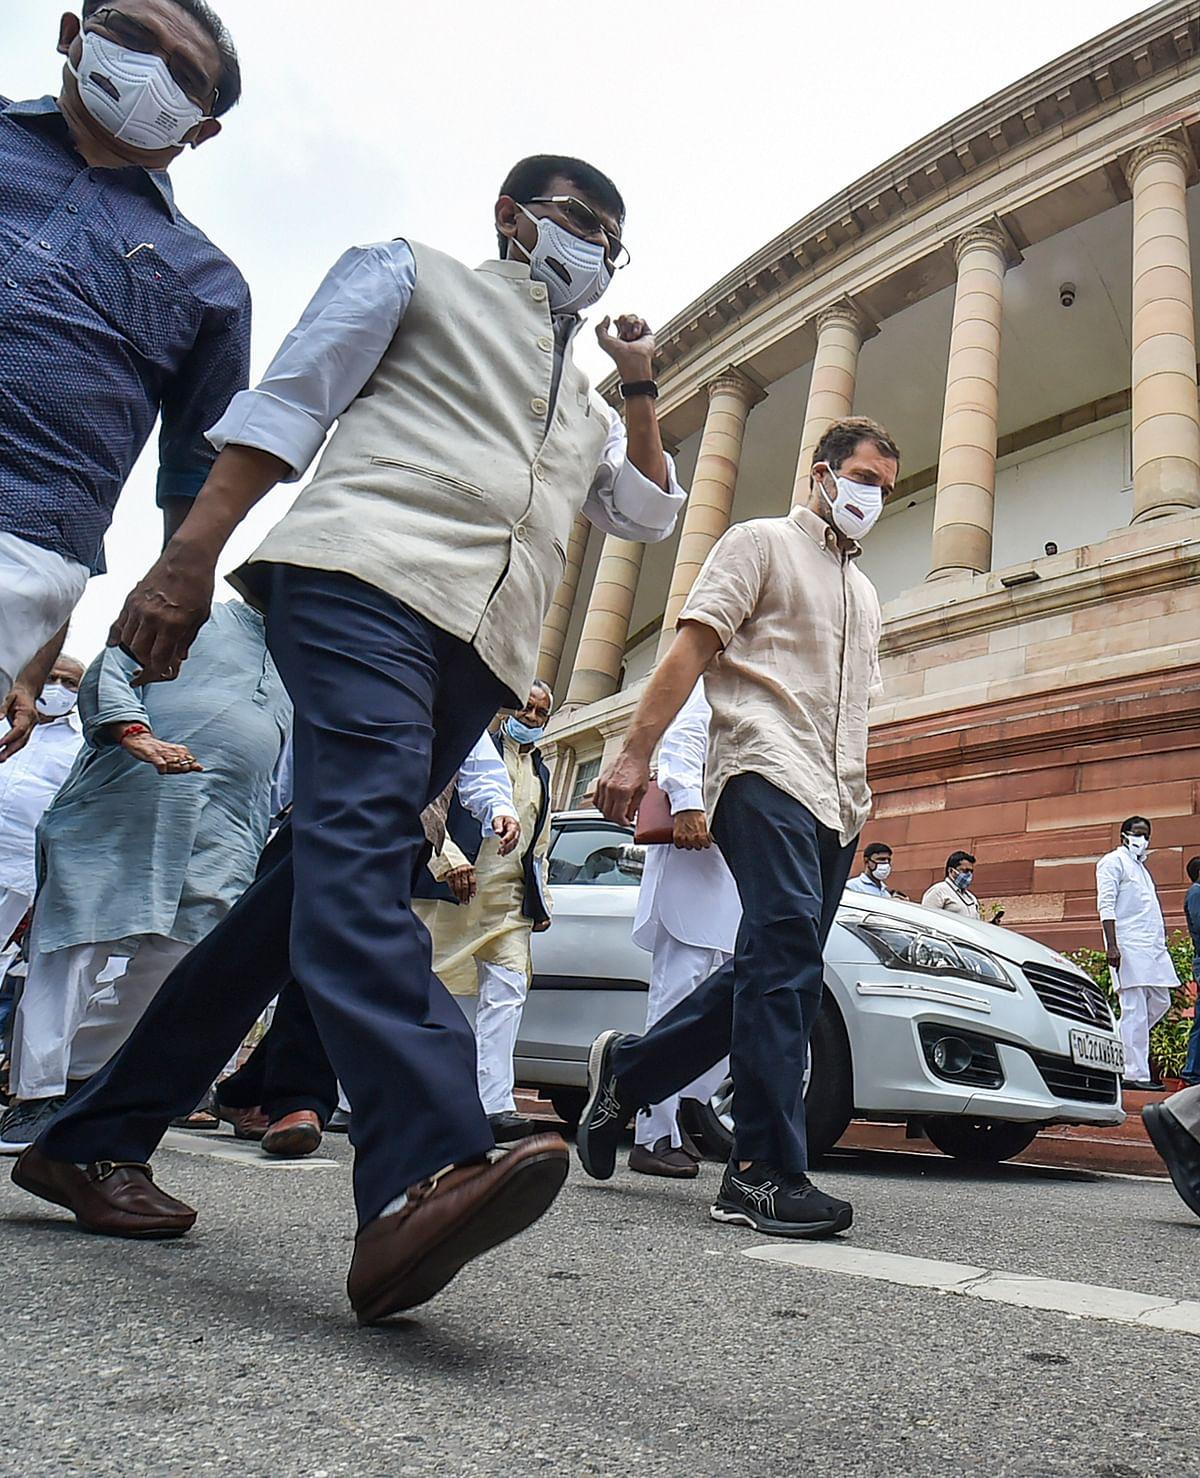 Pegasus Spyware: 'नरेंद्र मोदी घुस गए हैं हर हिन्दुस्तानी के फोन के अंदर', पेगासस को लेकर राहुल गांधी का तंज